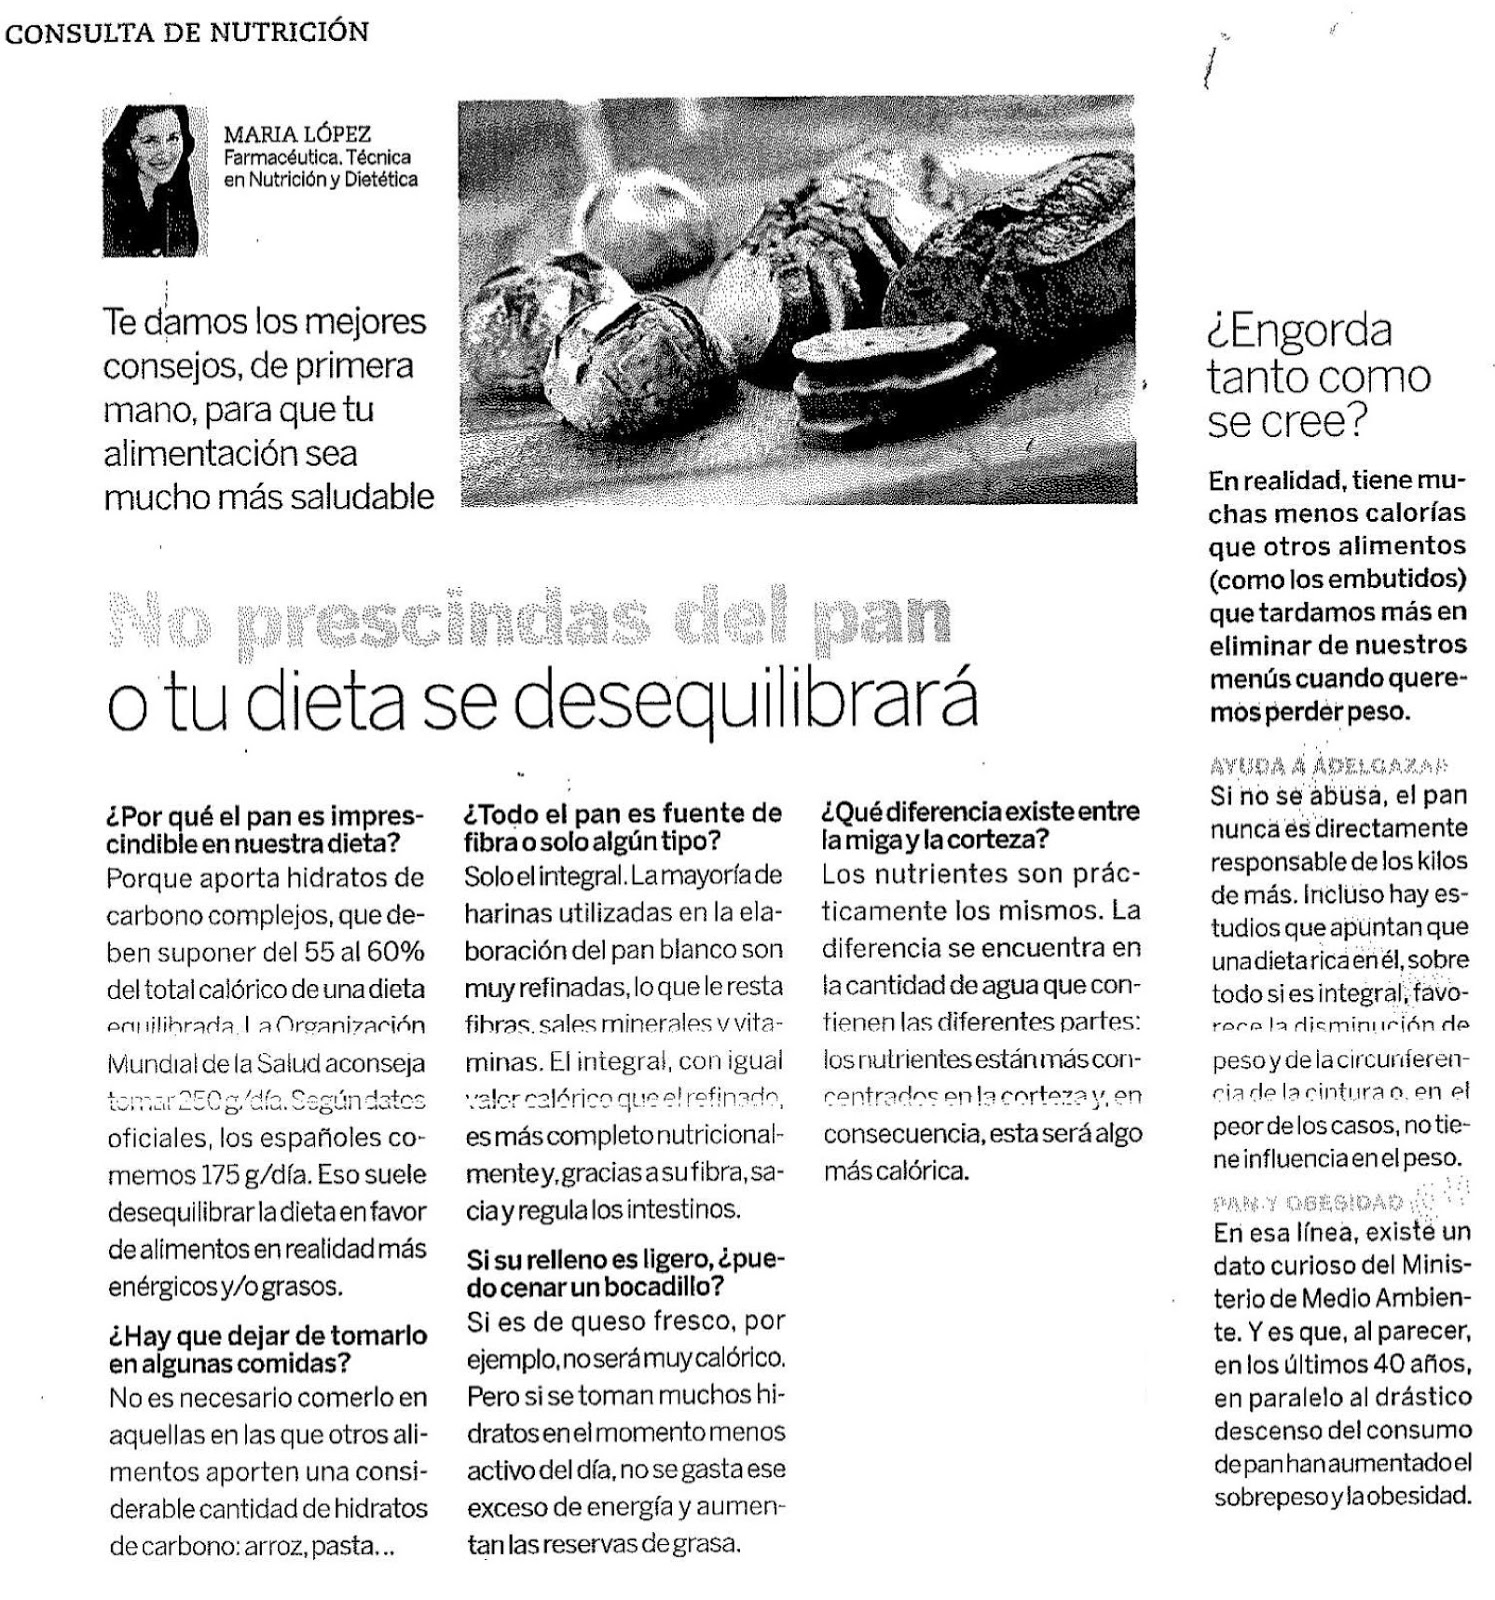 Panader A Pasteler A Buera Barbastro El Pan En Las Dietas ~ Dieta Adelgazamiento Saber Vivir